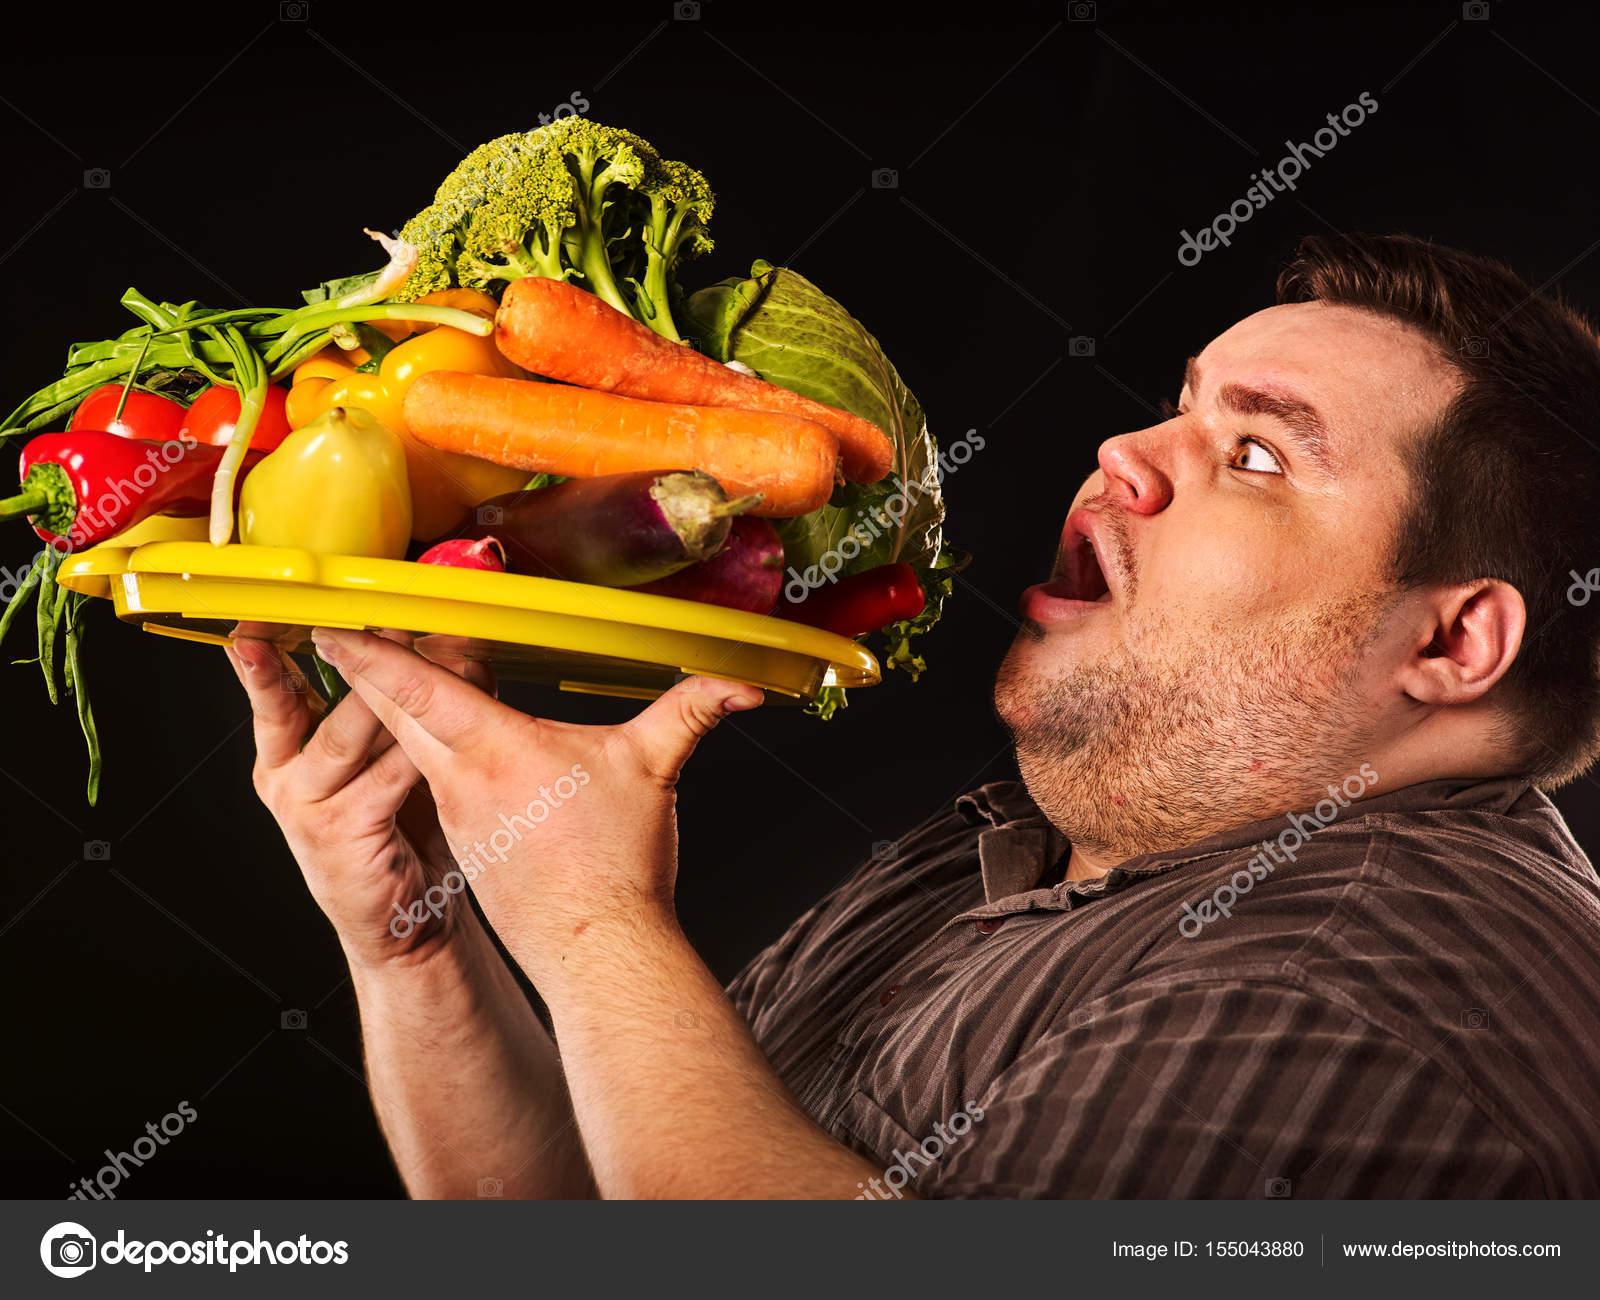 Diete Per Perdere Peso Uomo : Dieta rapida giorni per perdere peso unadonna